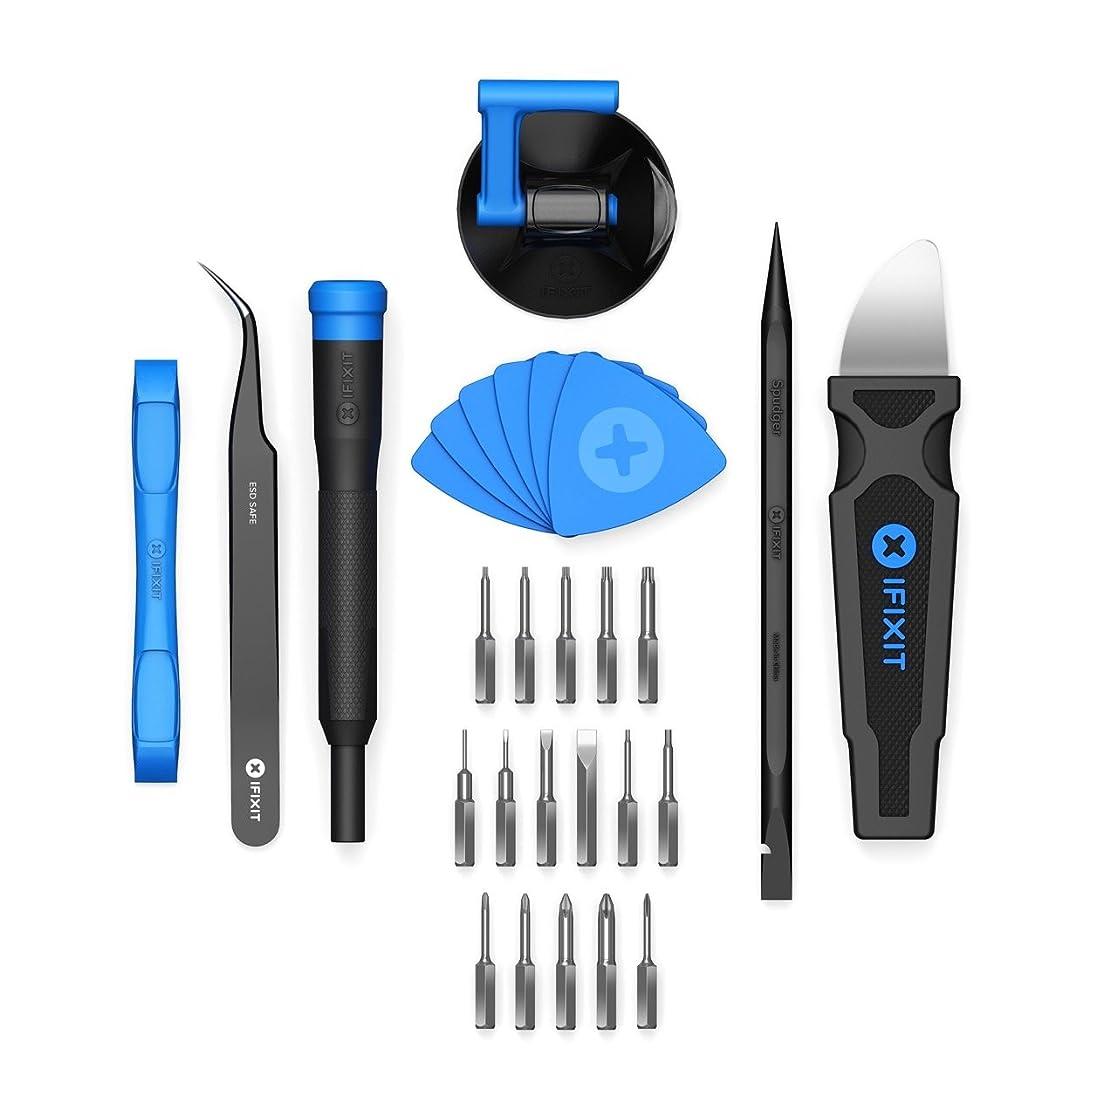 しつけ嵐が丘ごちそうiFixit Essential Electronics Toolkit エッセンシャル エレクトロニクス ツールキット